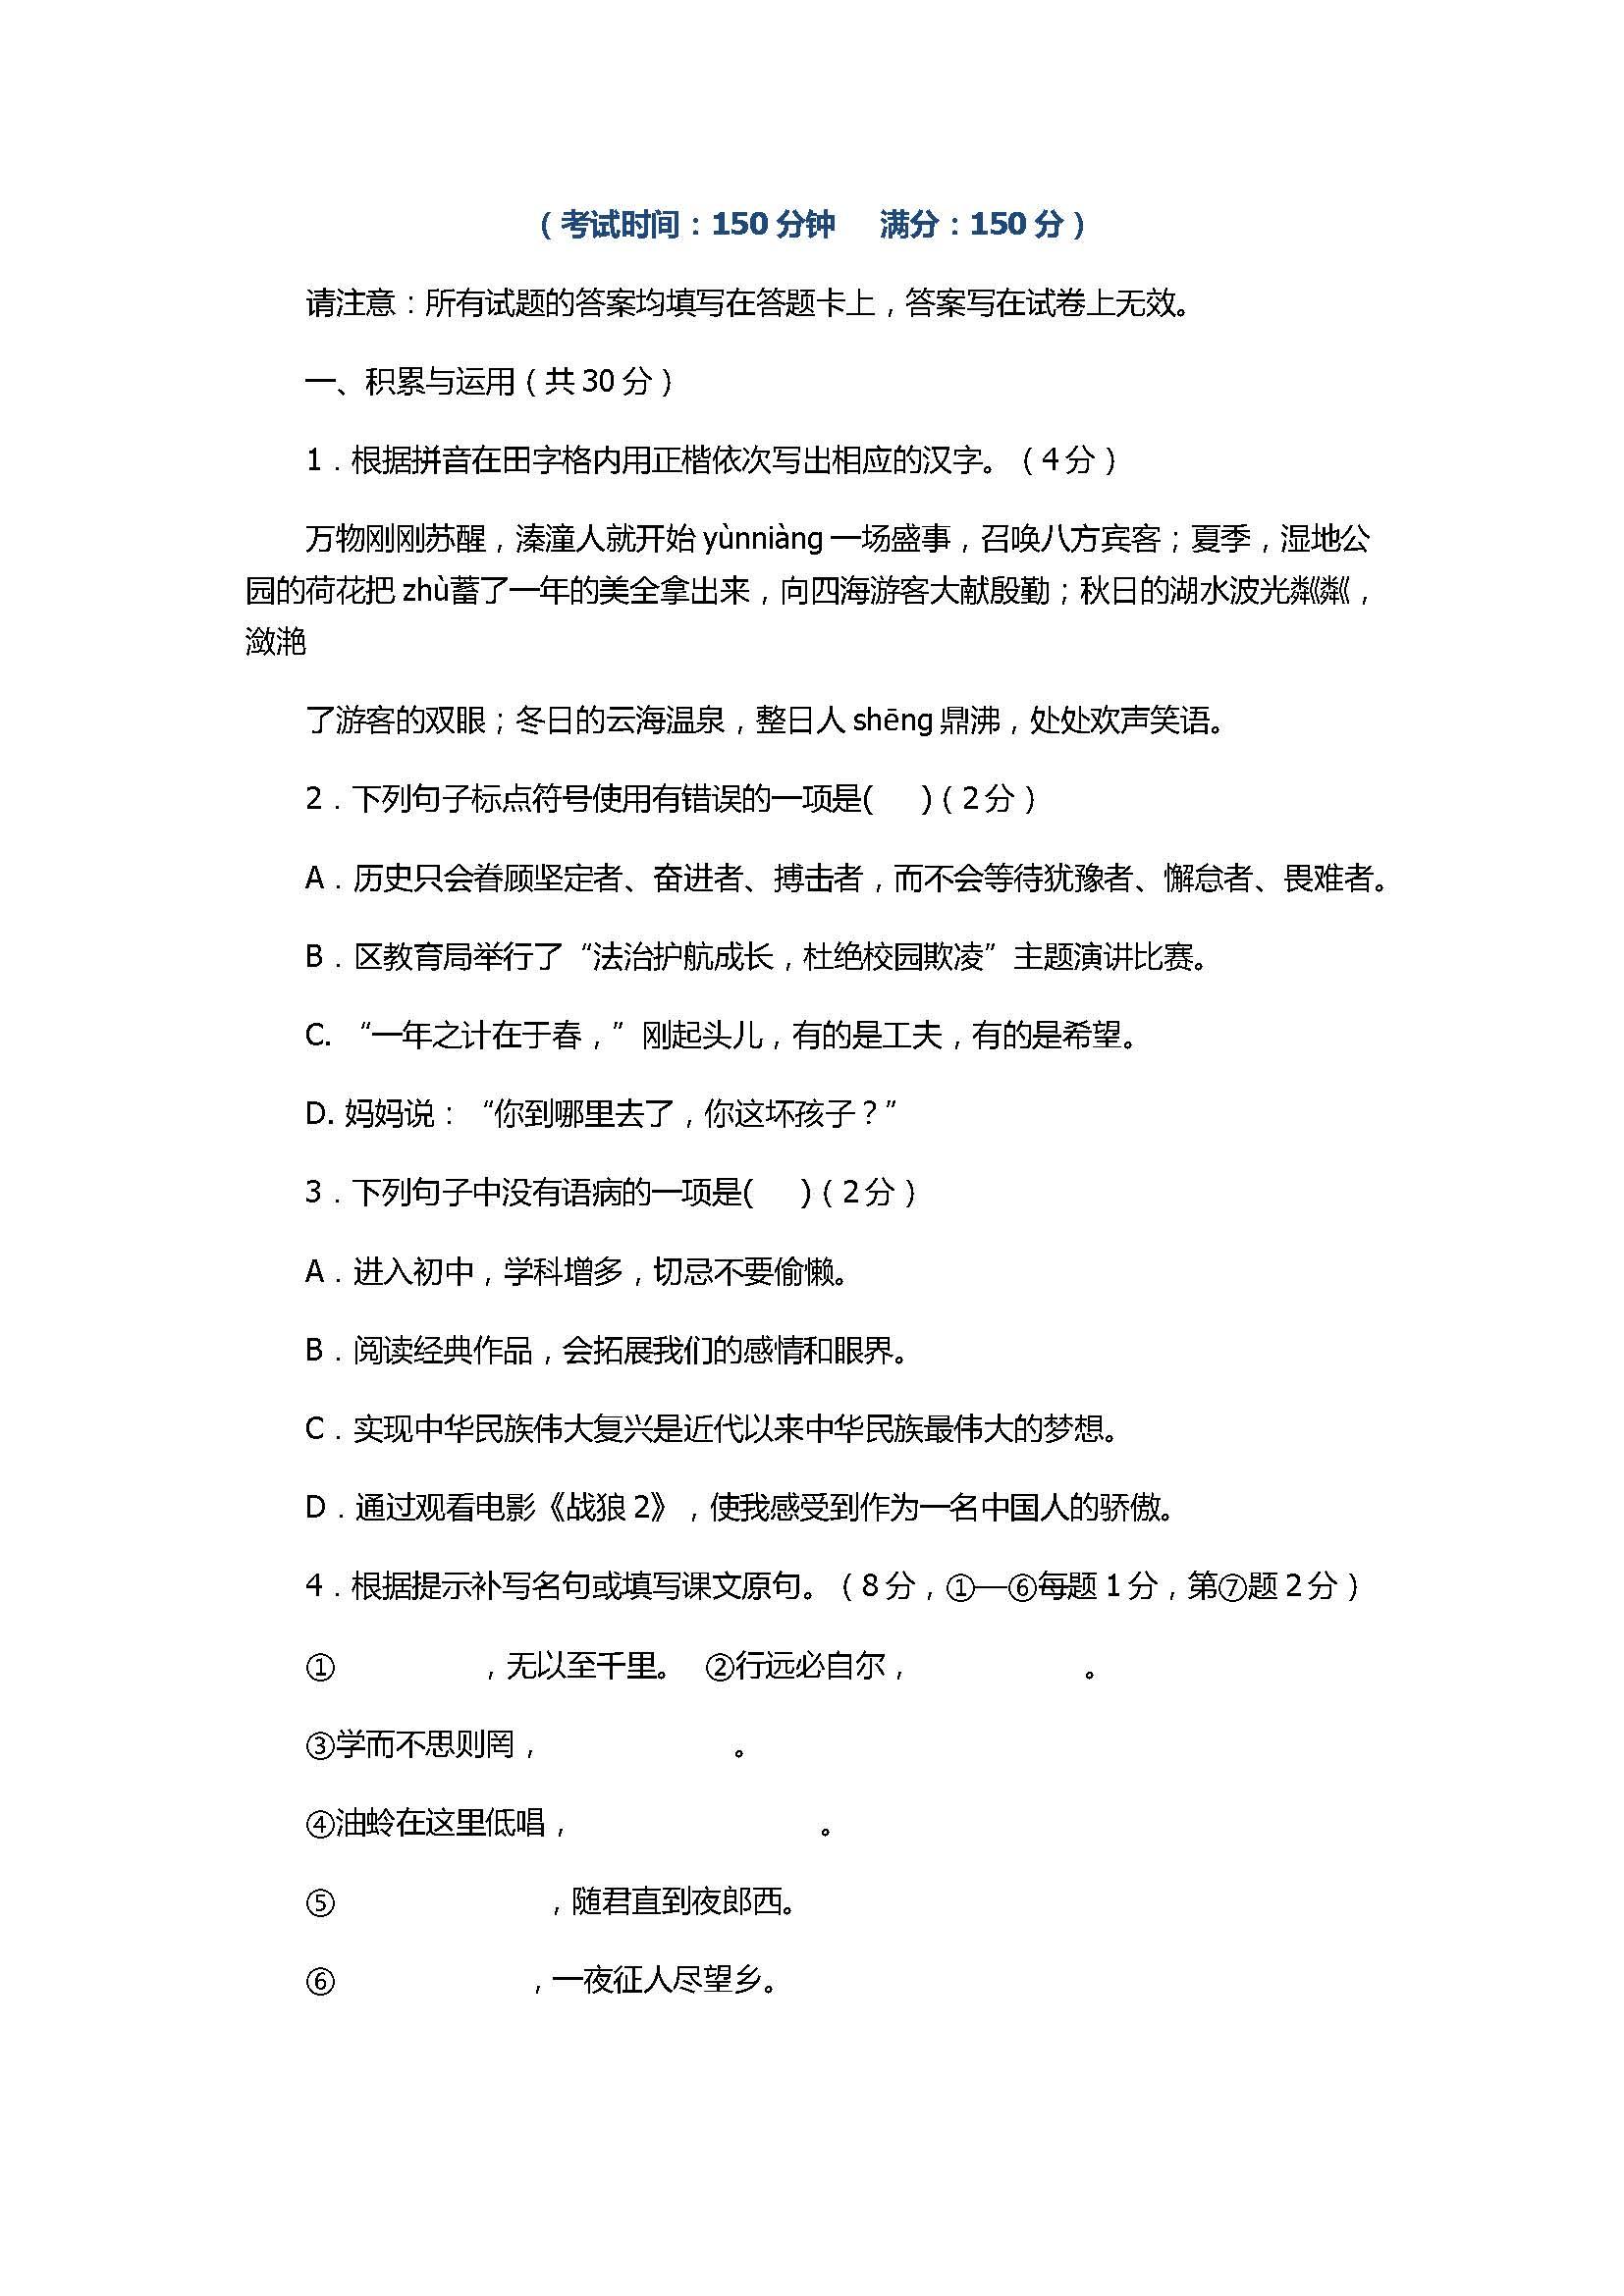 2017七年级上册语文期中测试题(姜堰区)